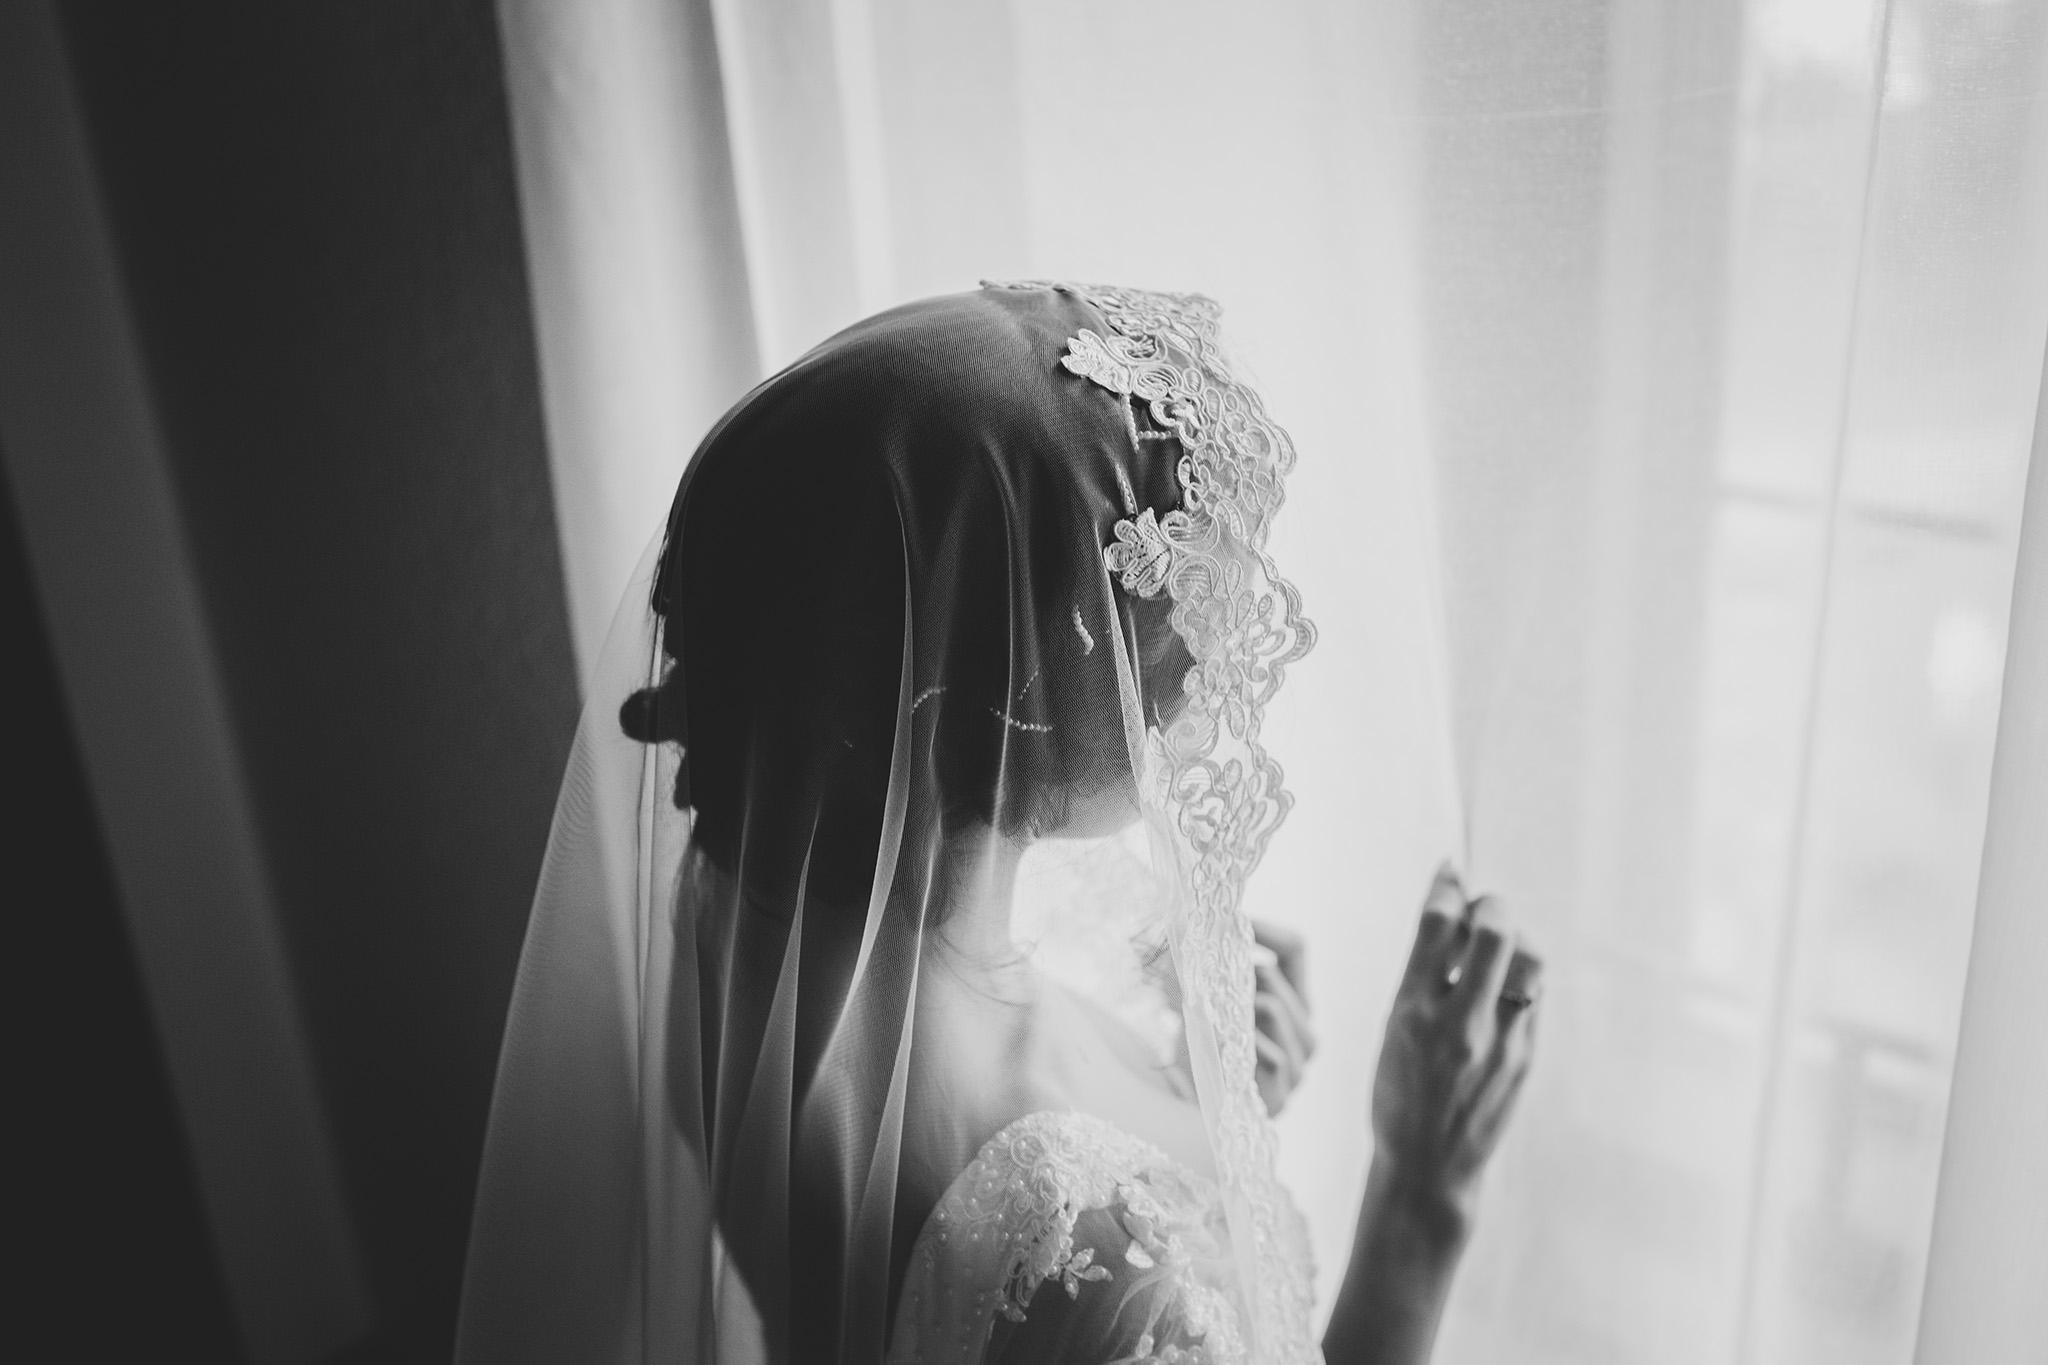 fotograf de nunta in Satu Mare, Ramnicu Valcea, Bucuresti, Moldova